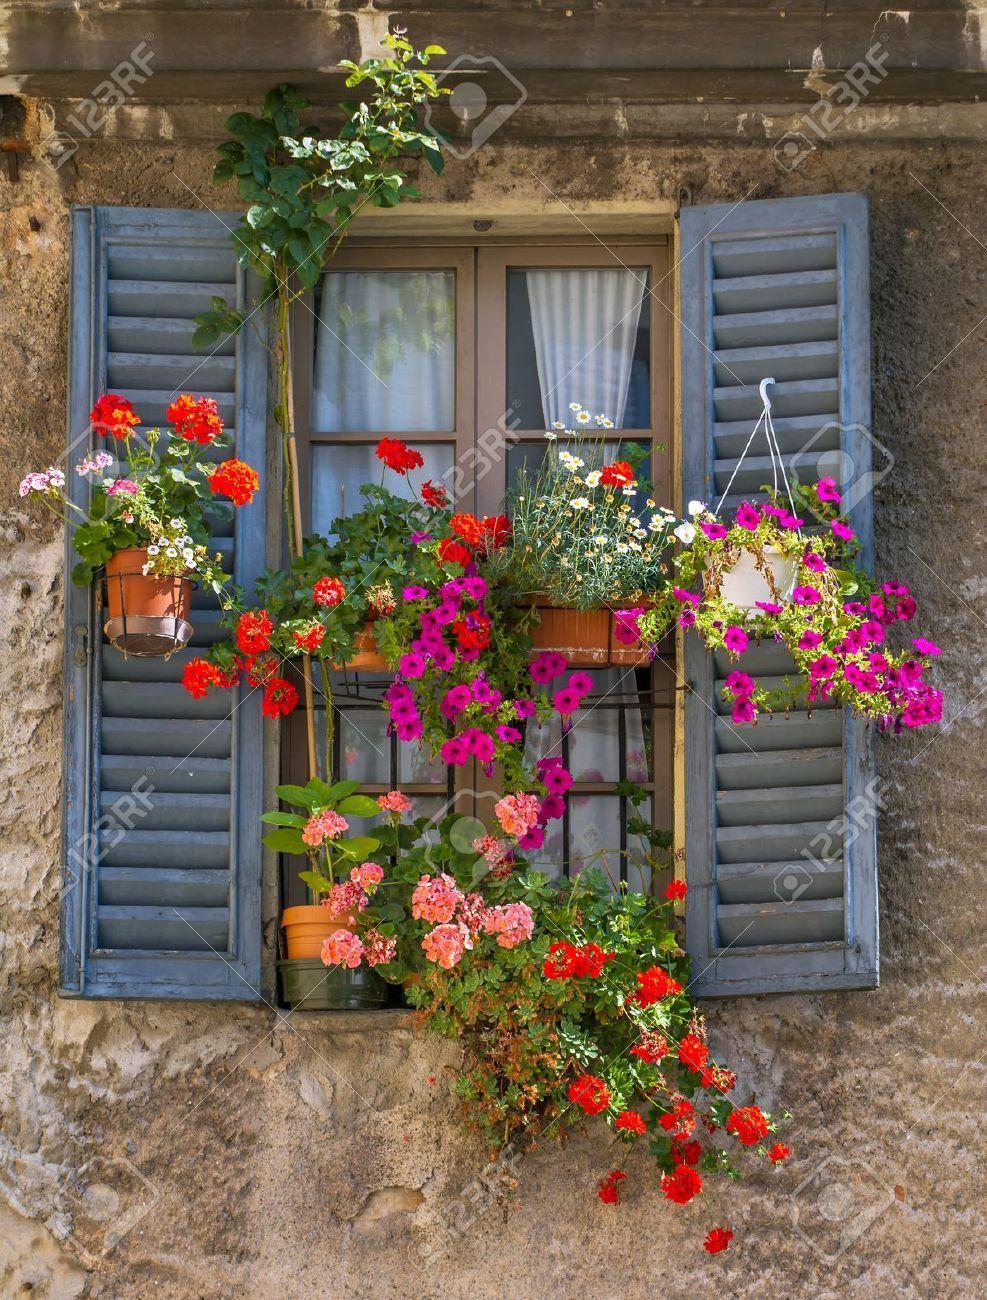 Vintage ventana con contraventanas de madera abiertas y flores ...